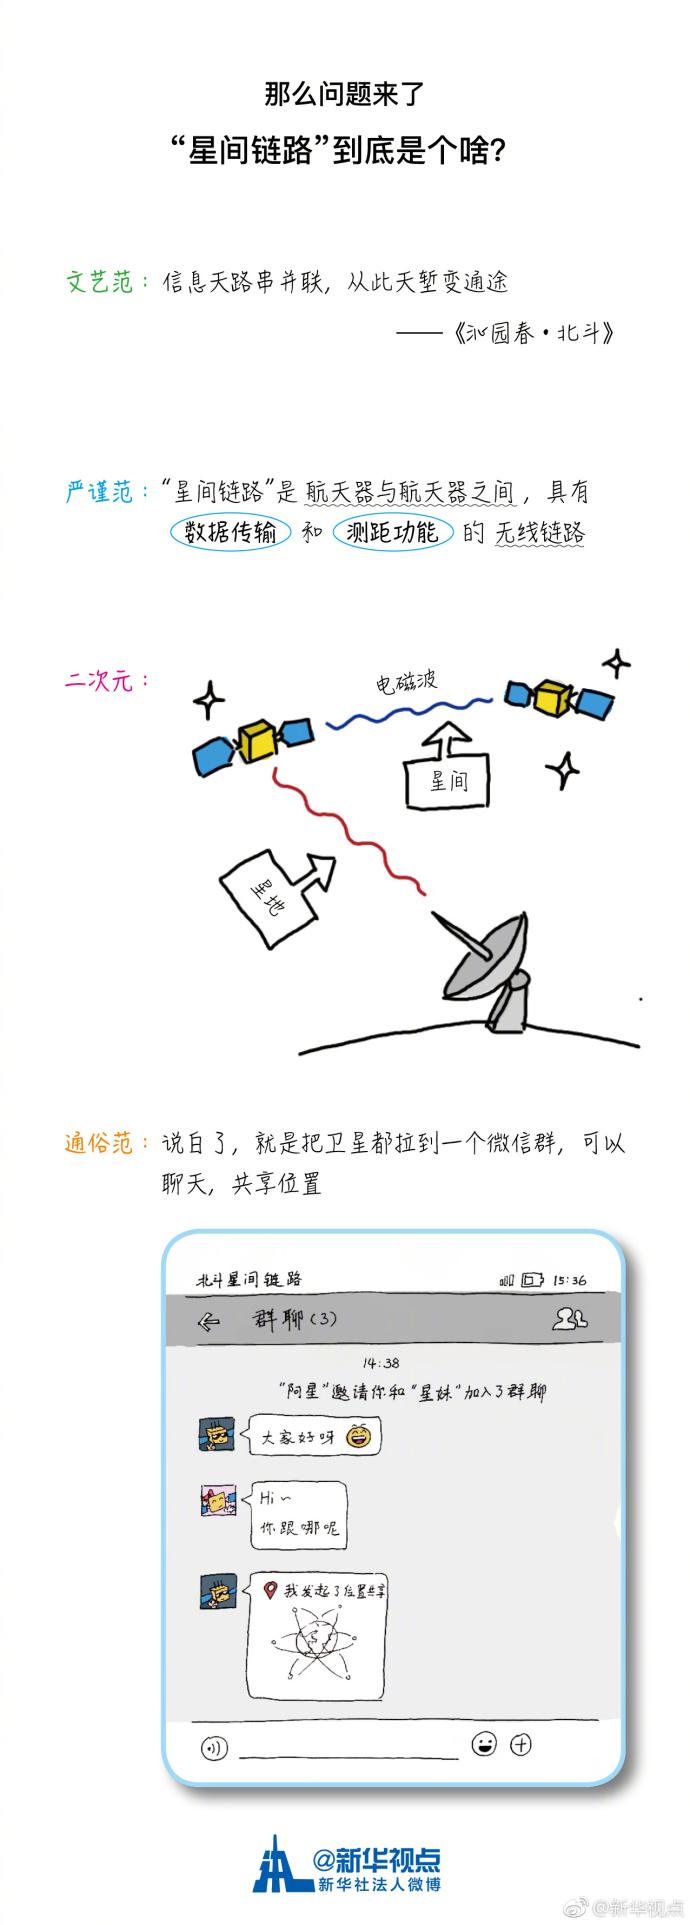 http://news.xinhuanet.com/tech/2017-11/06/1121910089_15099304011501n.jpg